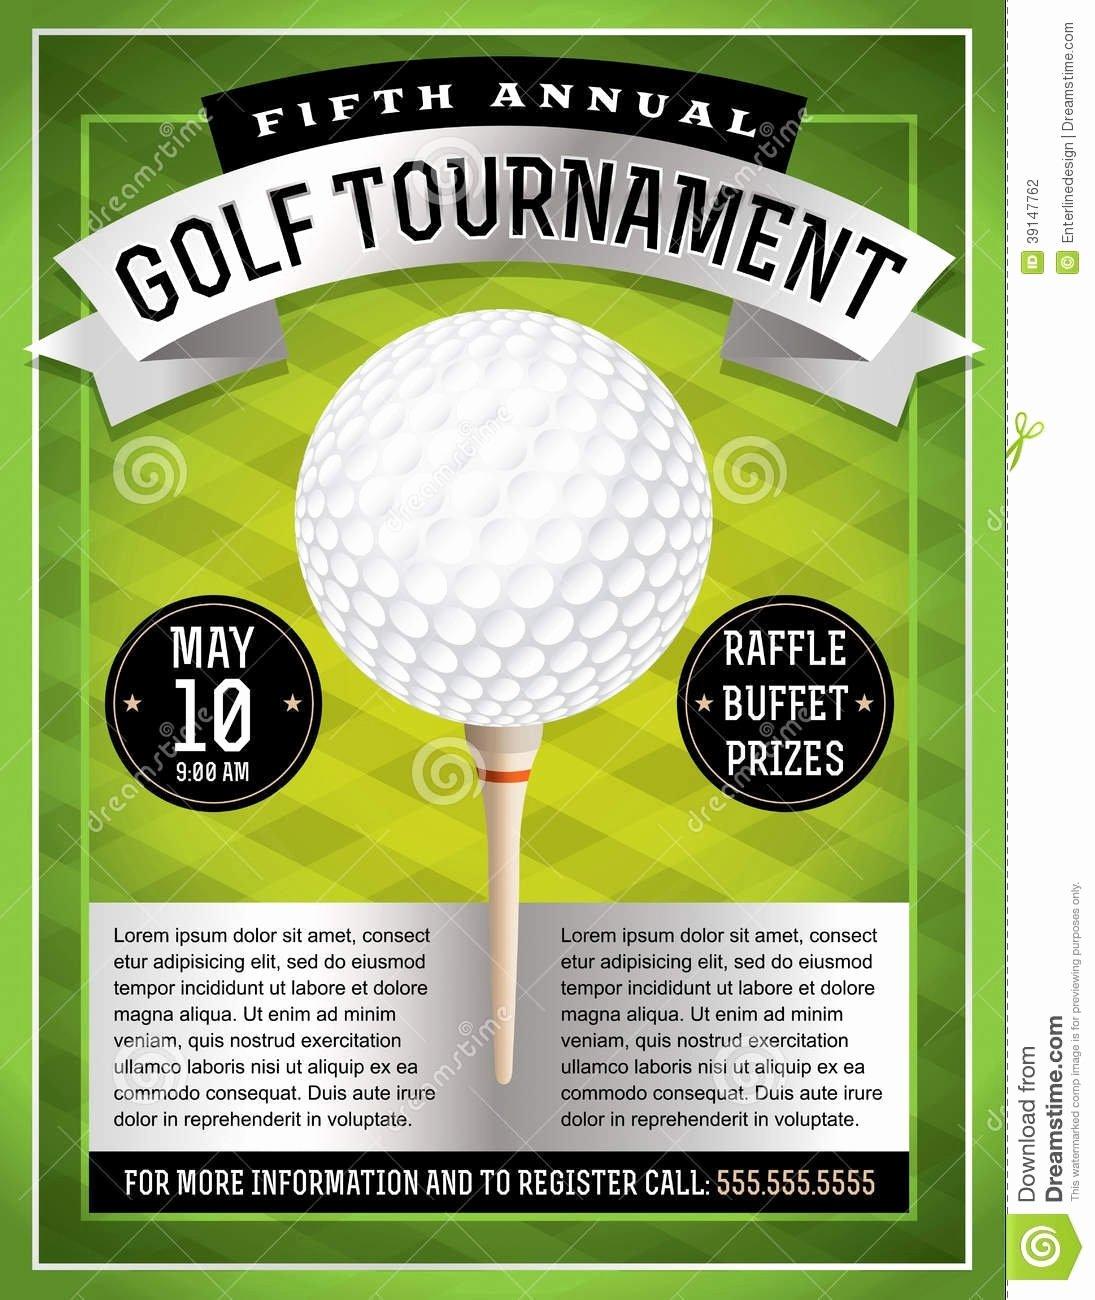 Golf tournament Flyer Template Beautiful Golf tournament Flyer Template Beepmunk